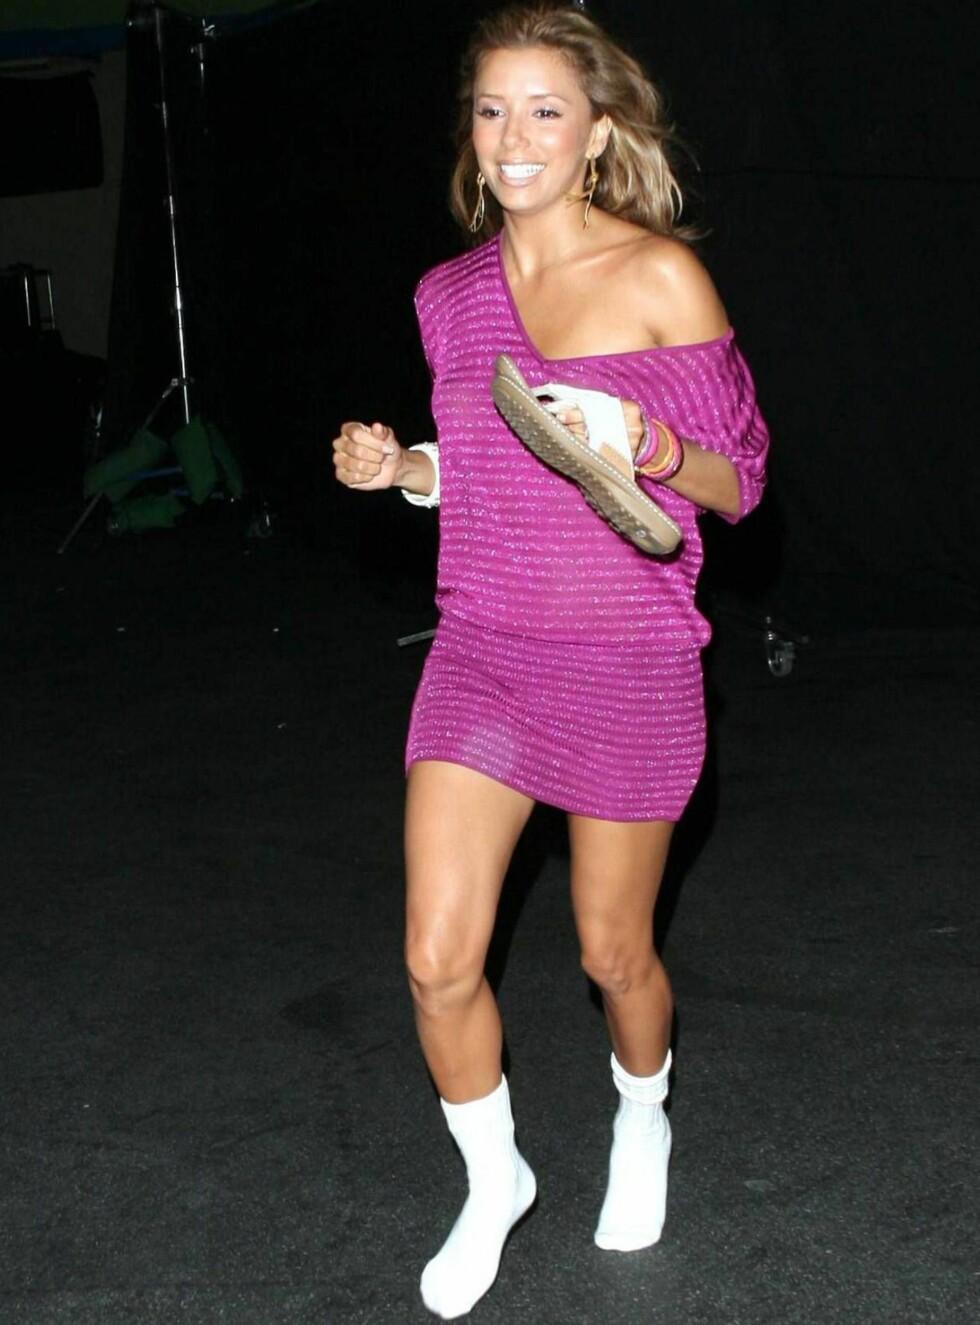 FEST-SOKKER? Eva dro på byen i sokkelesten. Skoene har hun i hånden. Foto: All Over Press